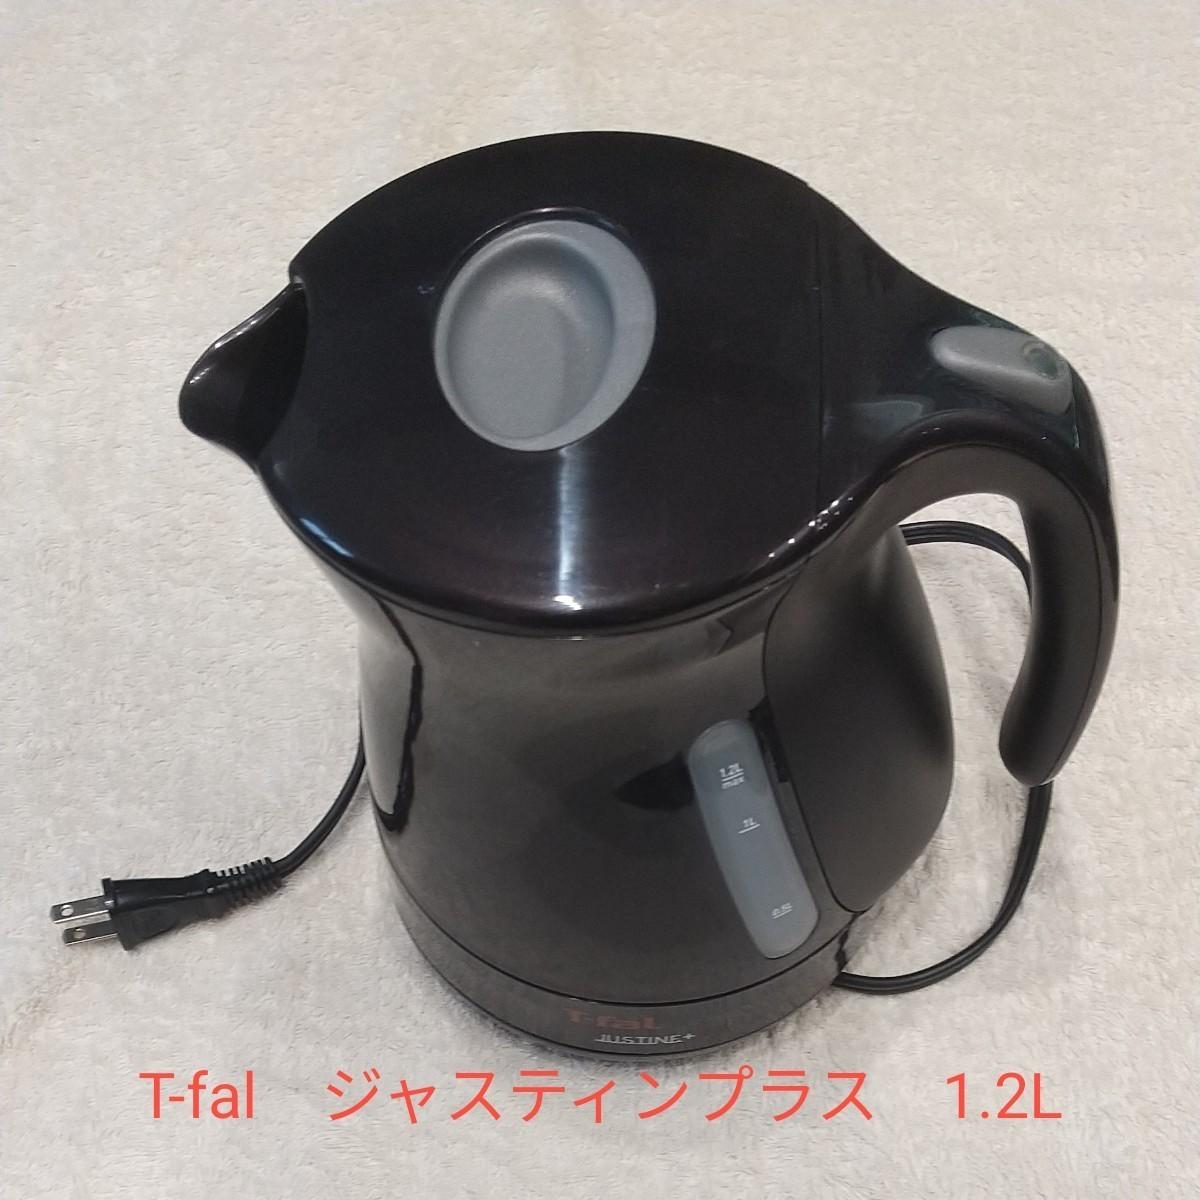 T-fal 電気ケトル ジャスティンプラス